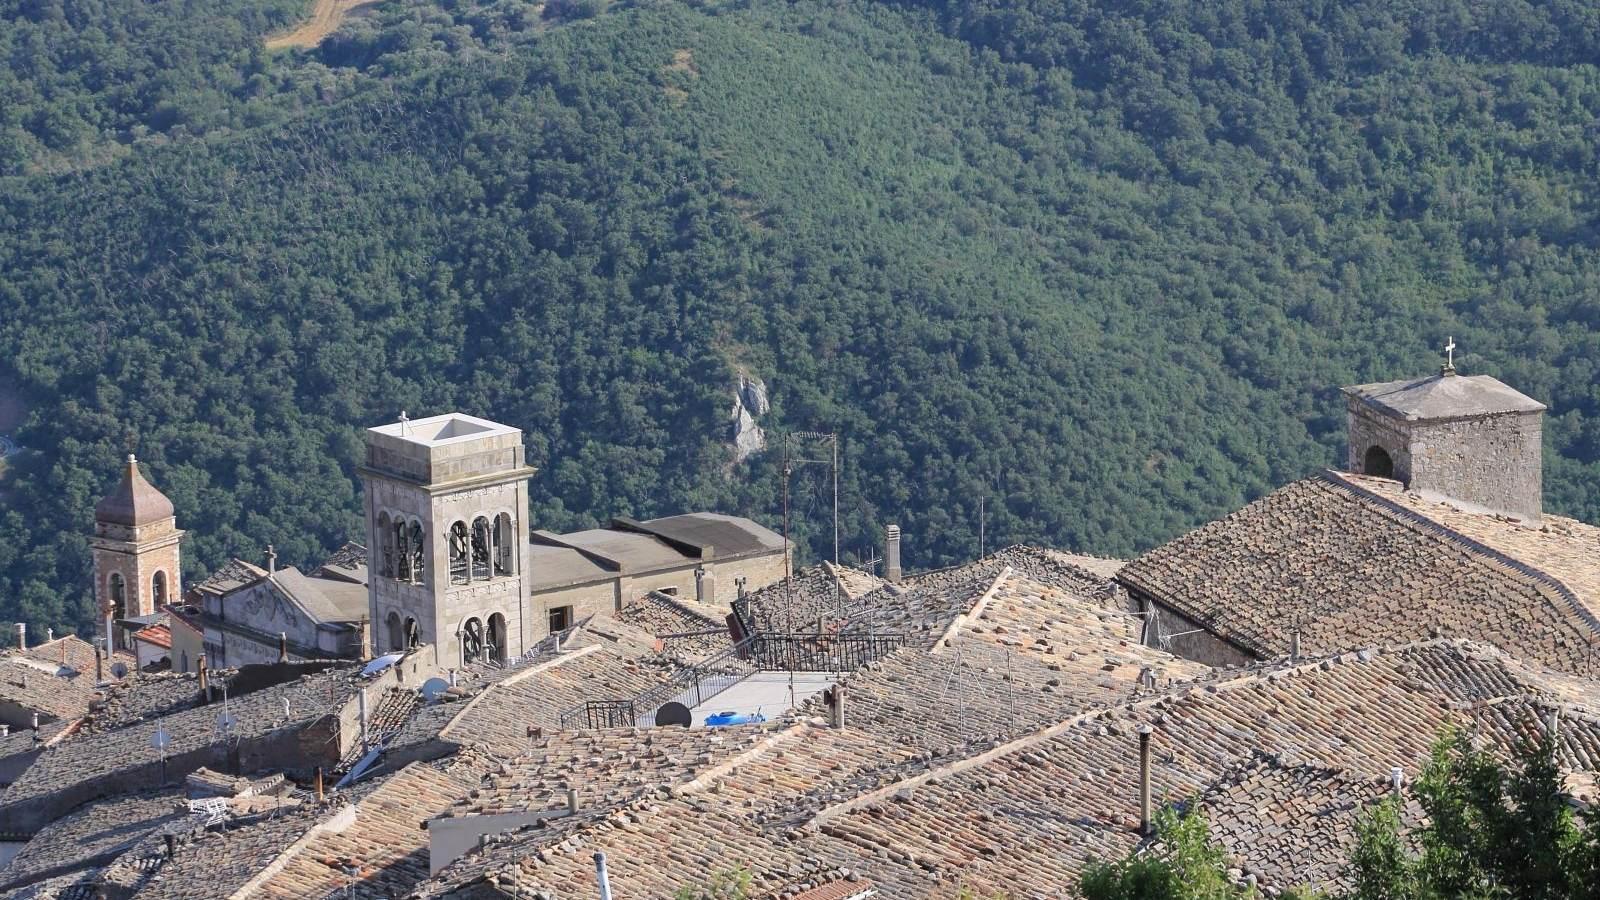 Lato sud-ovest: i tre Campanili - la Pietra di Sant'Arcangelo